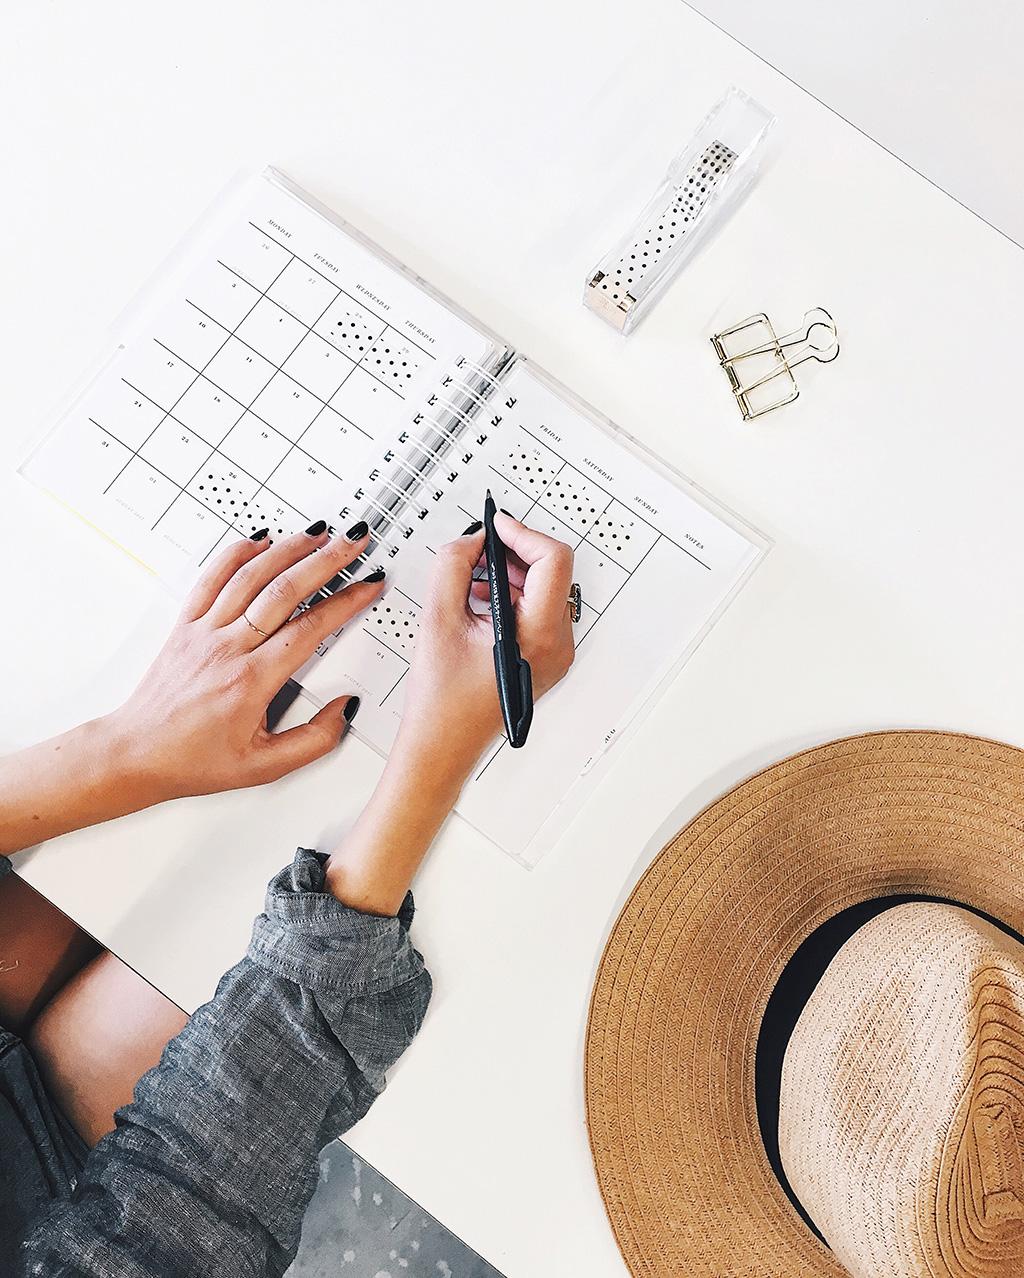 Eine per Hand erstellte Packliste oder Urlaubsliste